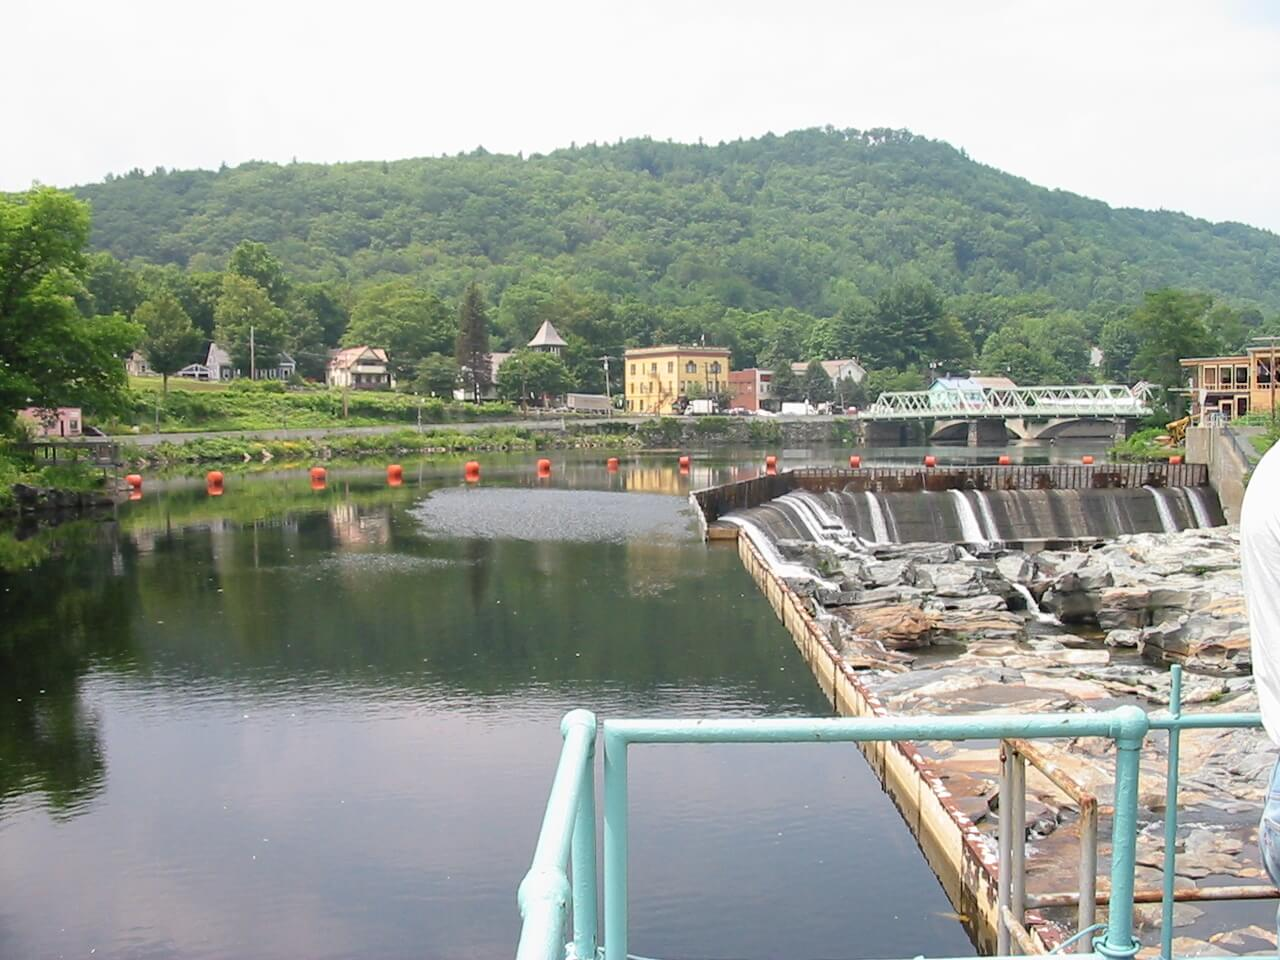 Deerfield River Hydro